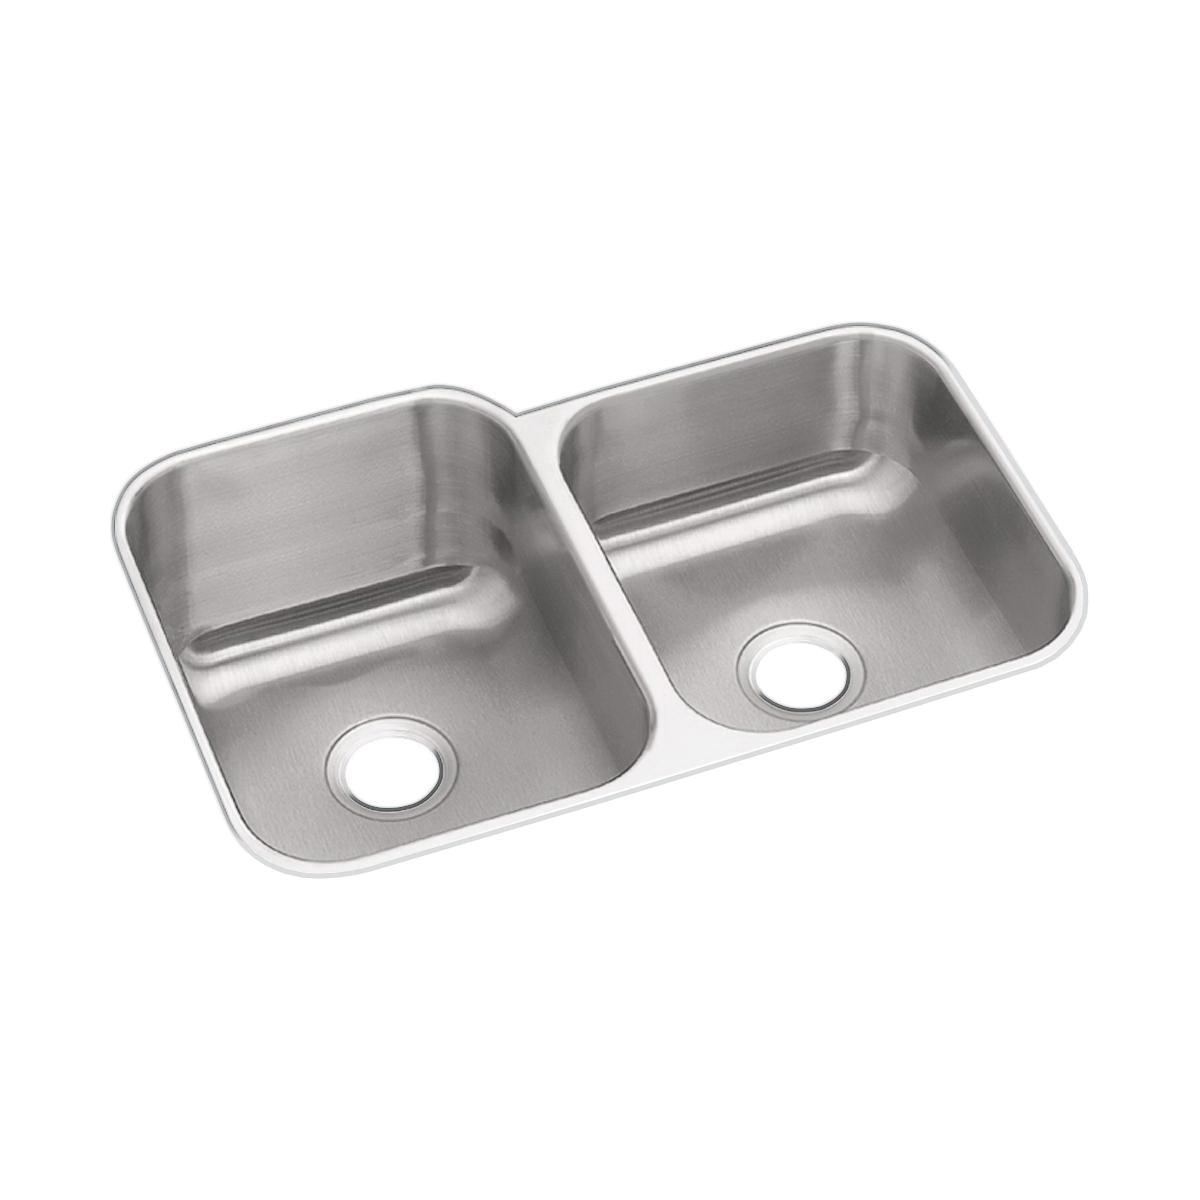 Elkay® DXUH312010R Dayton® Offset Kitchen Sink, Rectangular, 20-1/2 in W x 10 in D x 31-3/4 in H, Under Mount, Stainless Steel, Radiant Satin, Domestic